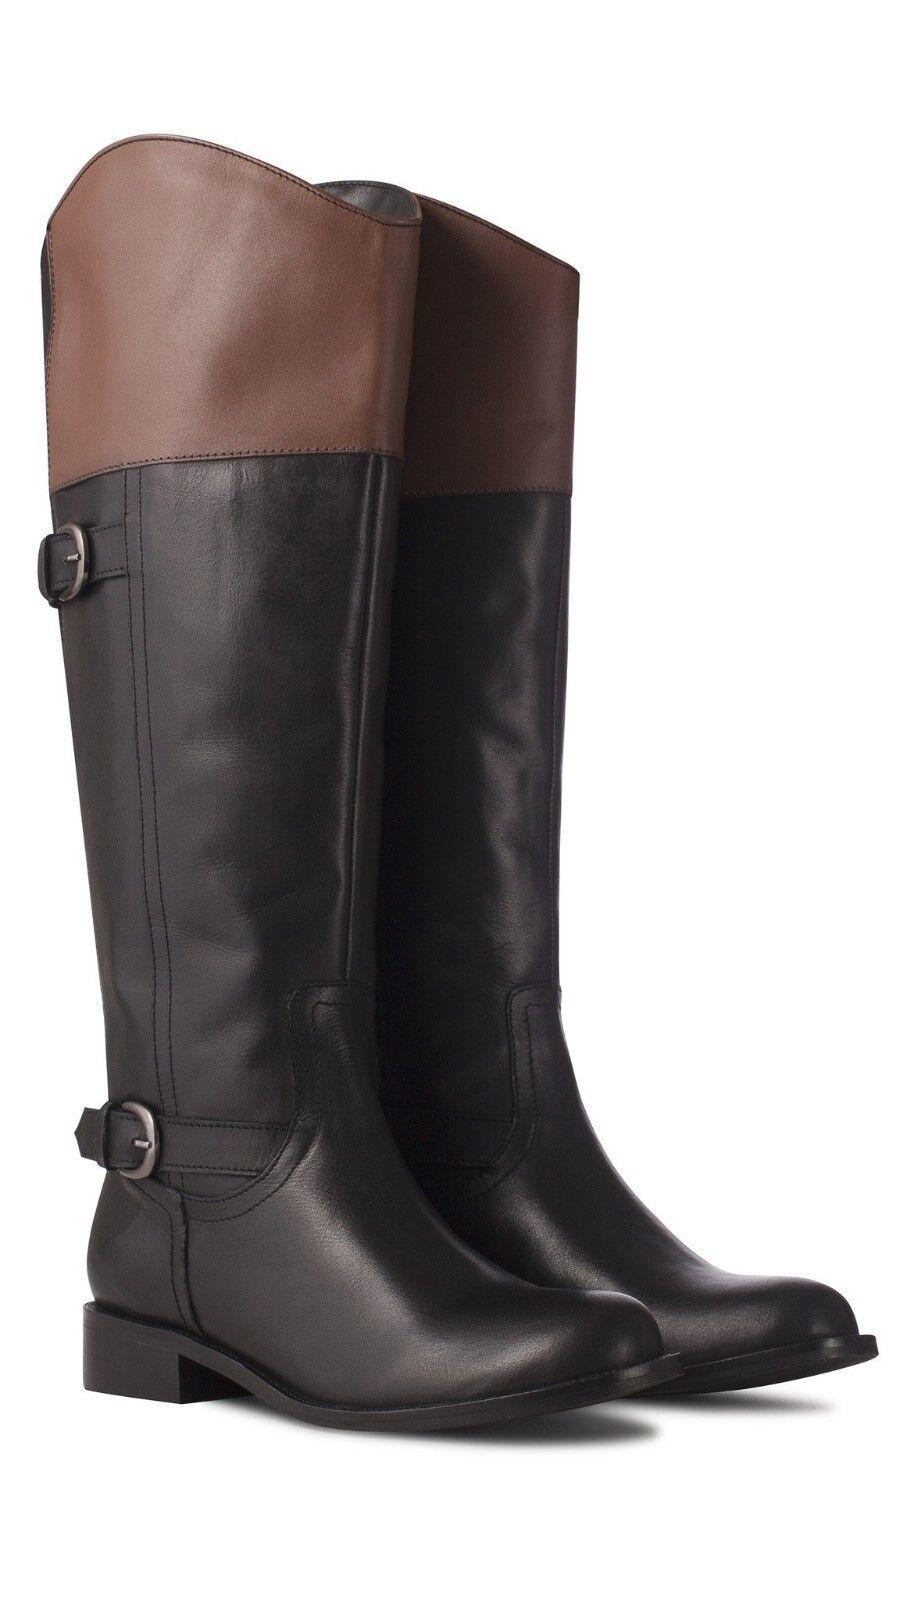 Redfoot Lexy Ladies Cuero Bronceado/Negro Botas de cremallera estilo de conducción /36 Euro